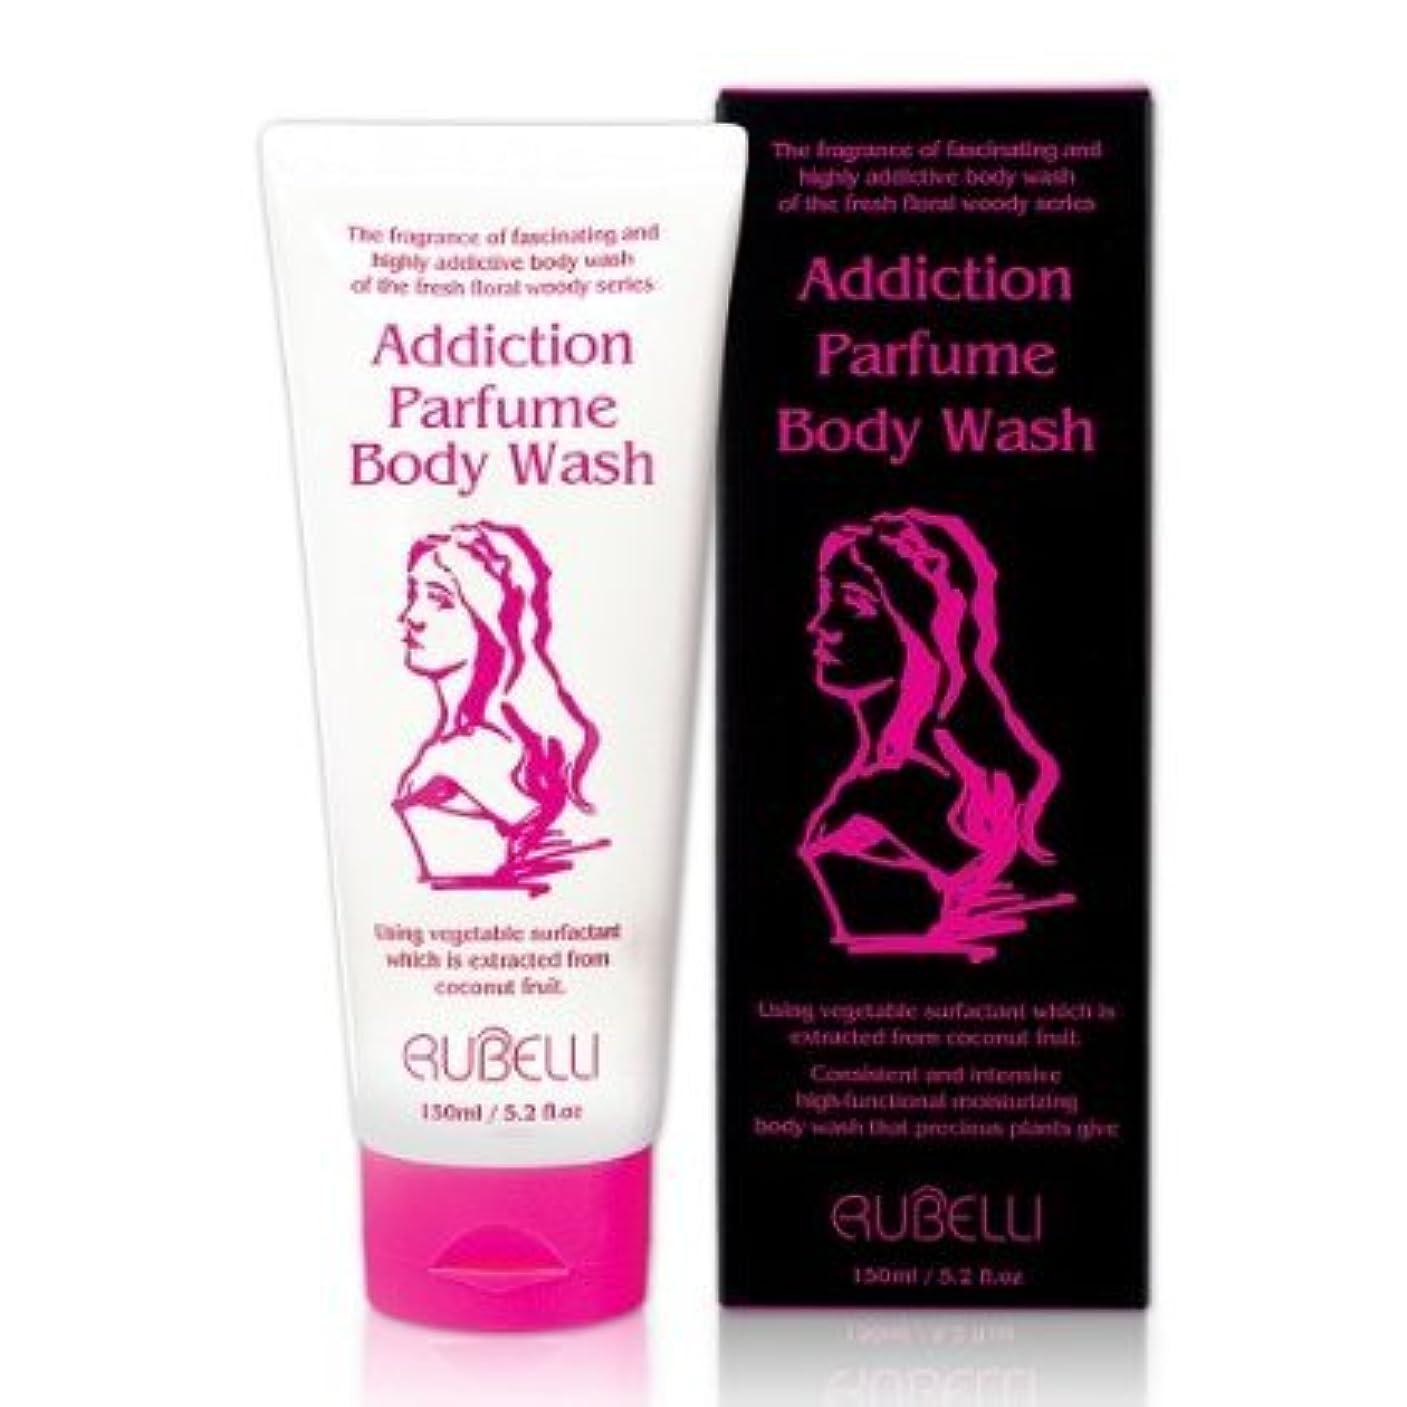 対立吹きさらし極地[Rubelli]+[addiction parfume body wash]+[150ml / high-functional moisturizing, floral scent parfume body wash,...